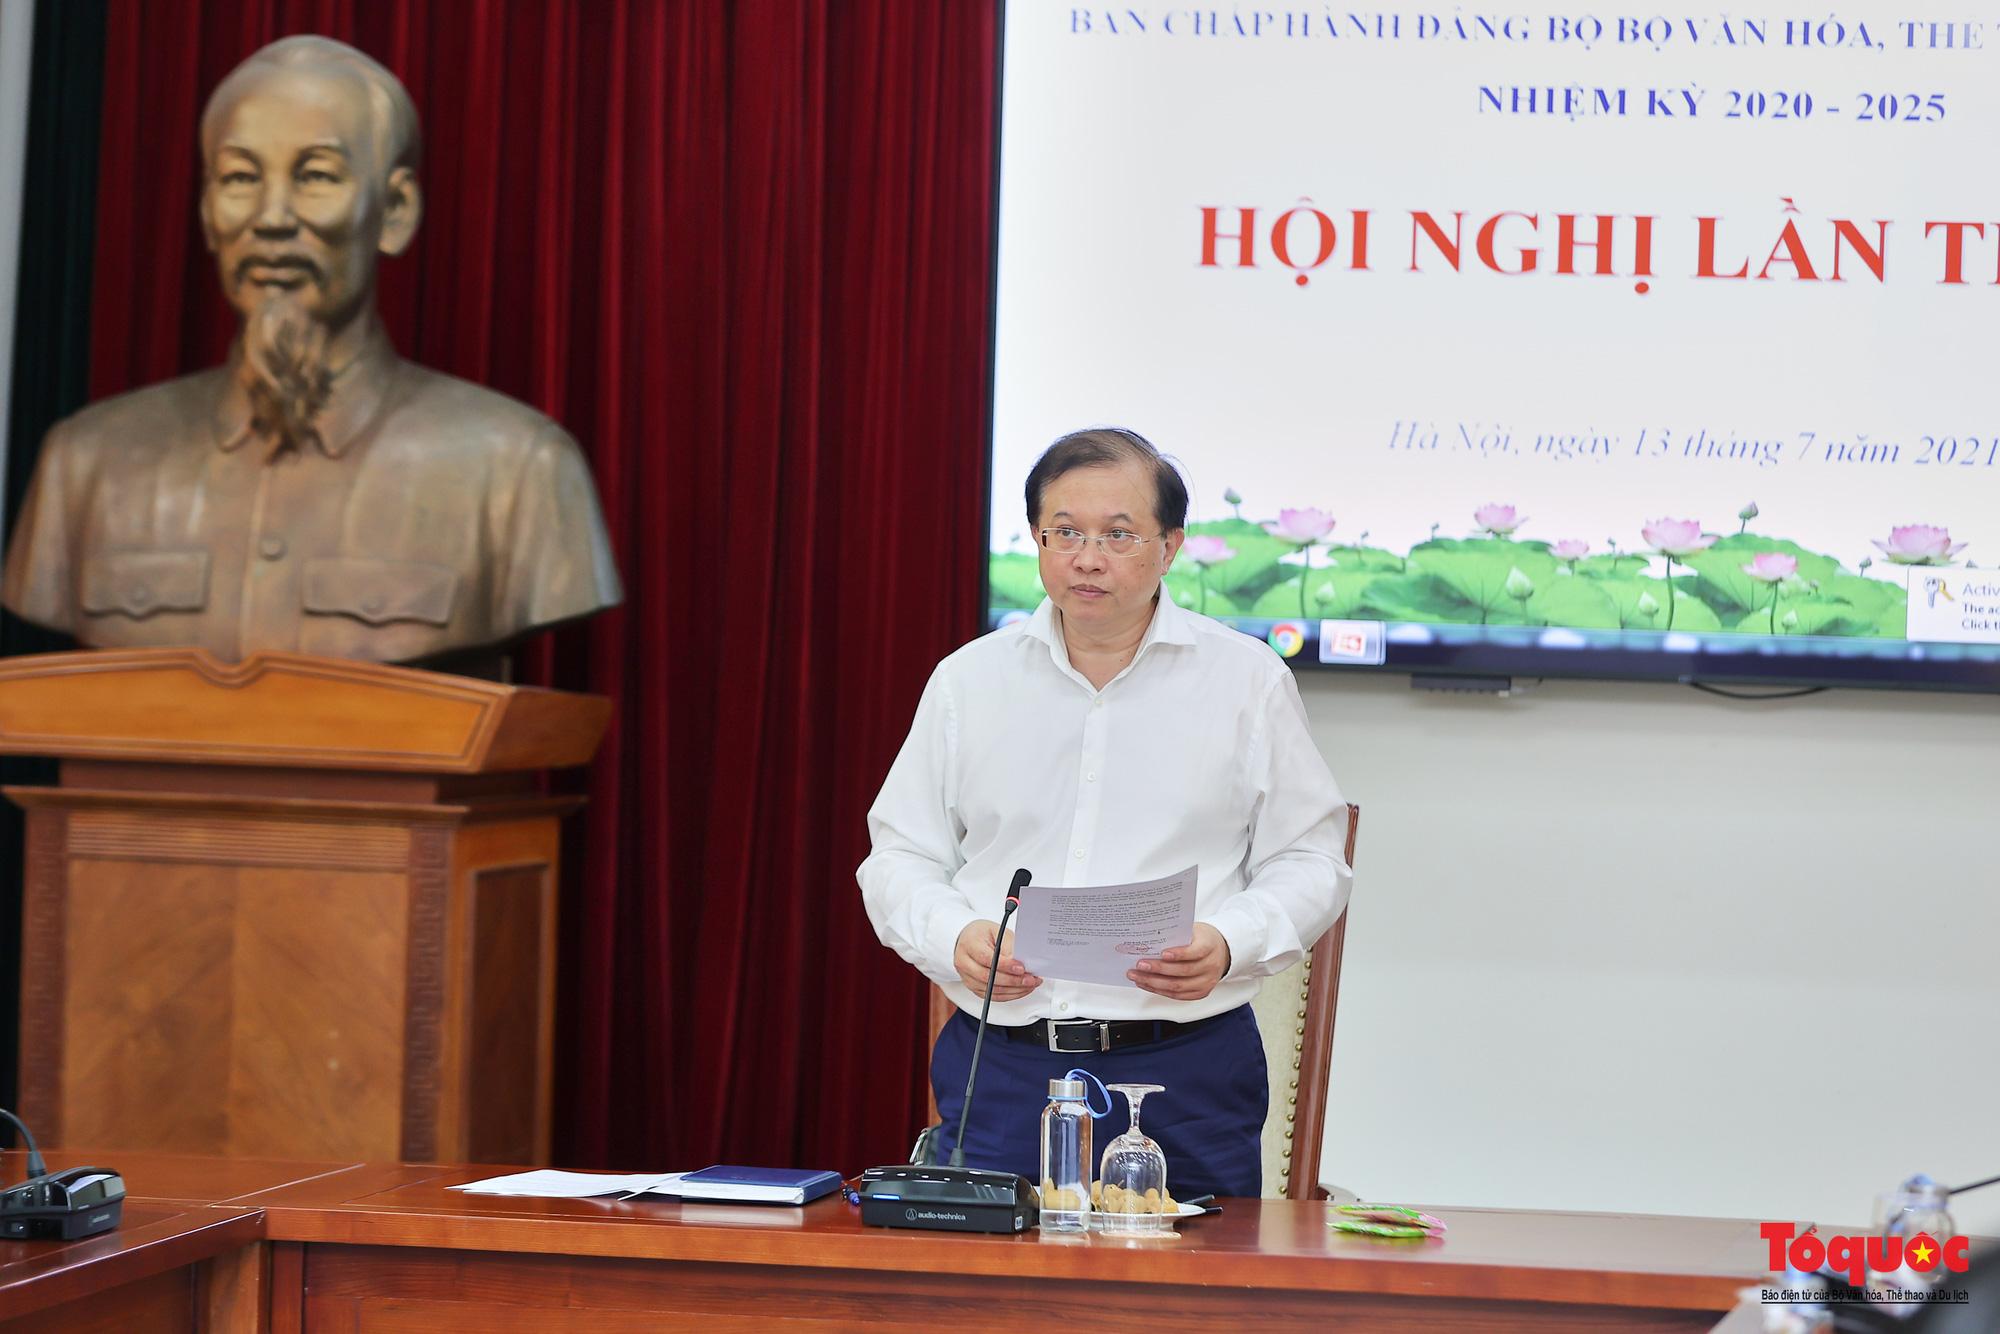 Hội nghị Ban chấp hành Đảng bộ Bộ VHTTDL lần thứ 5 - Ảnh 1.